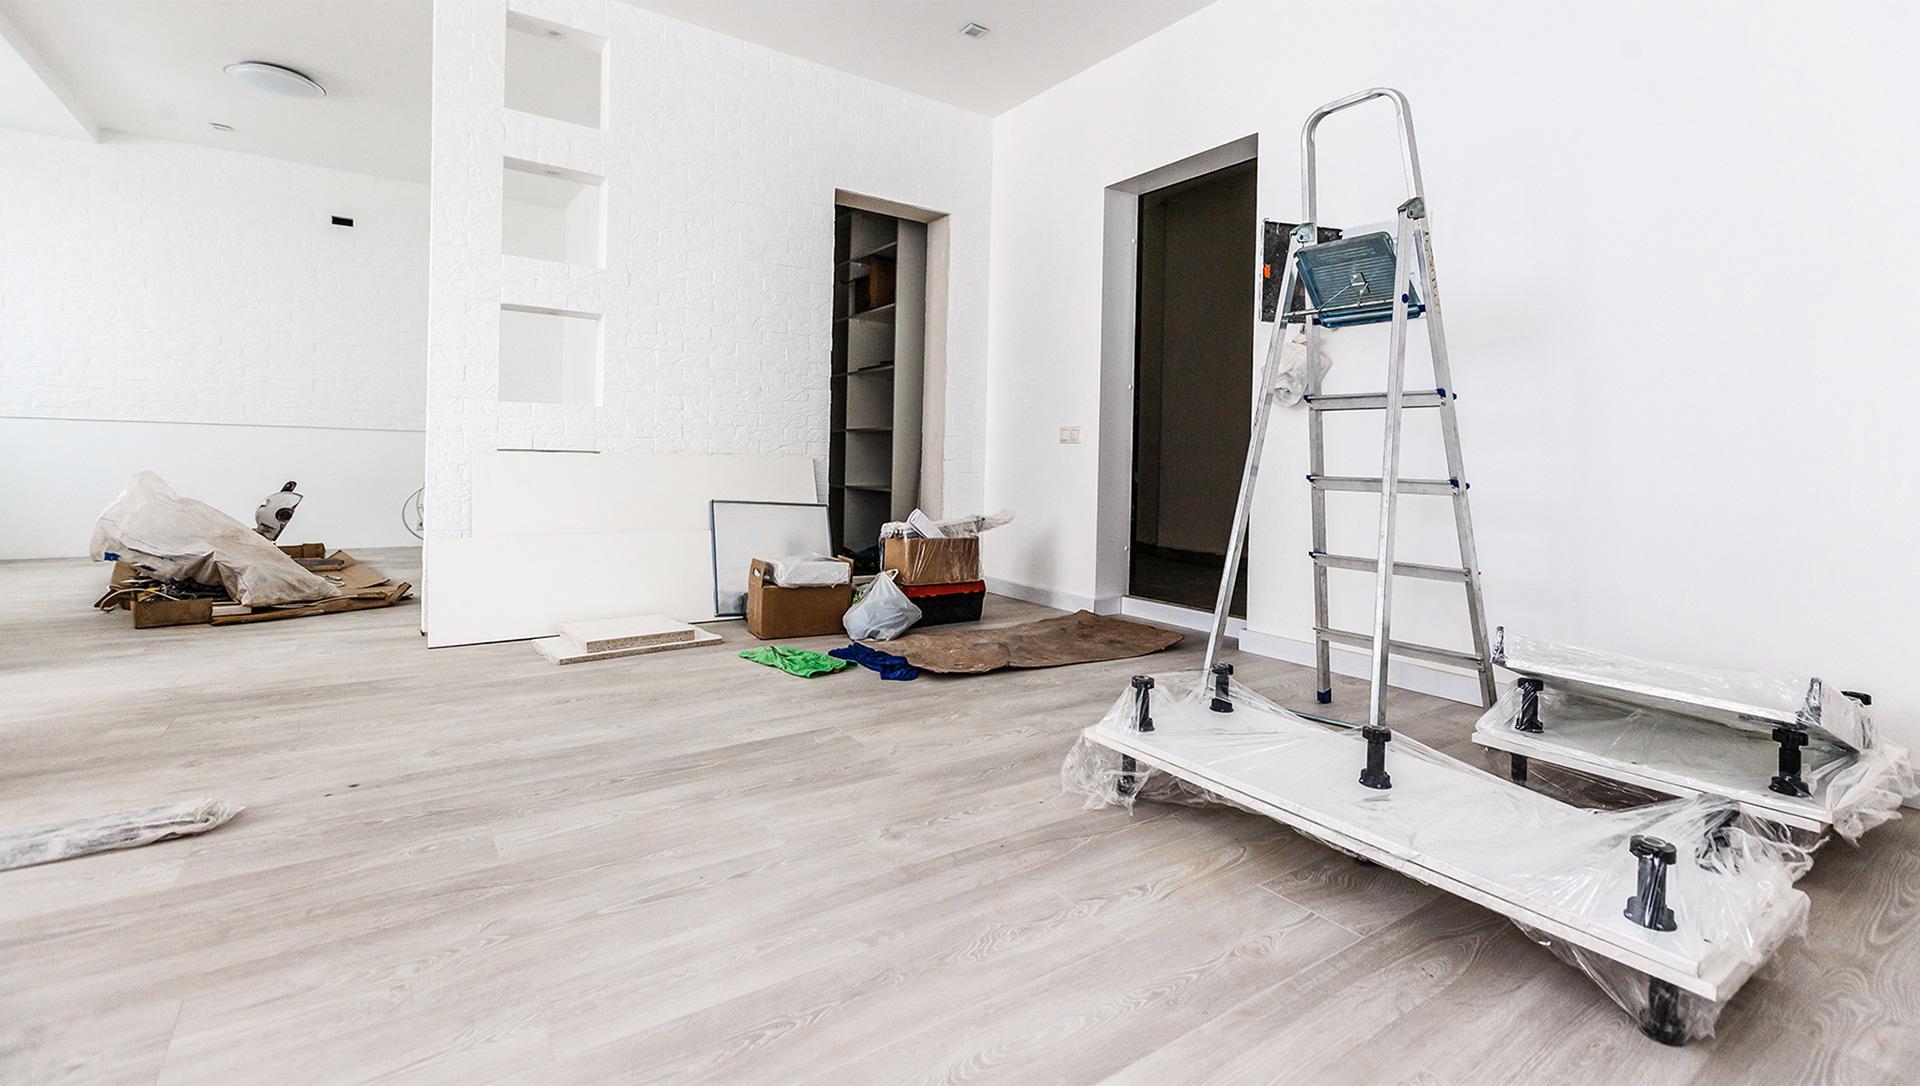 Как уговорить мужа на ремонт квартиры, если он не хочет ? фото